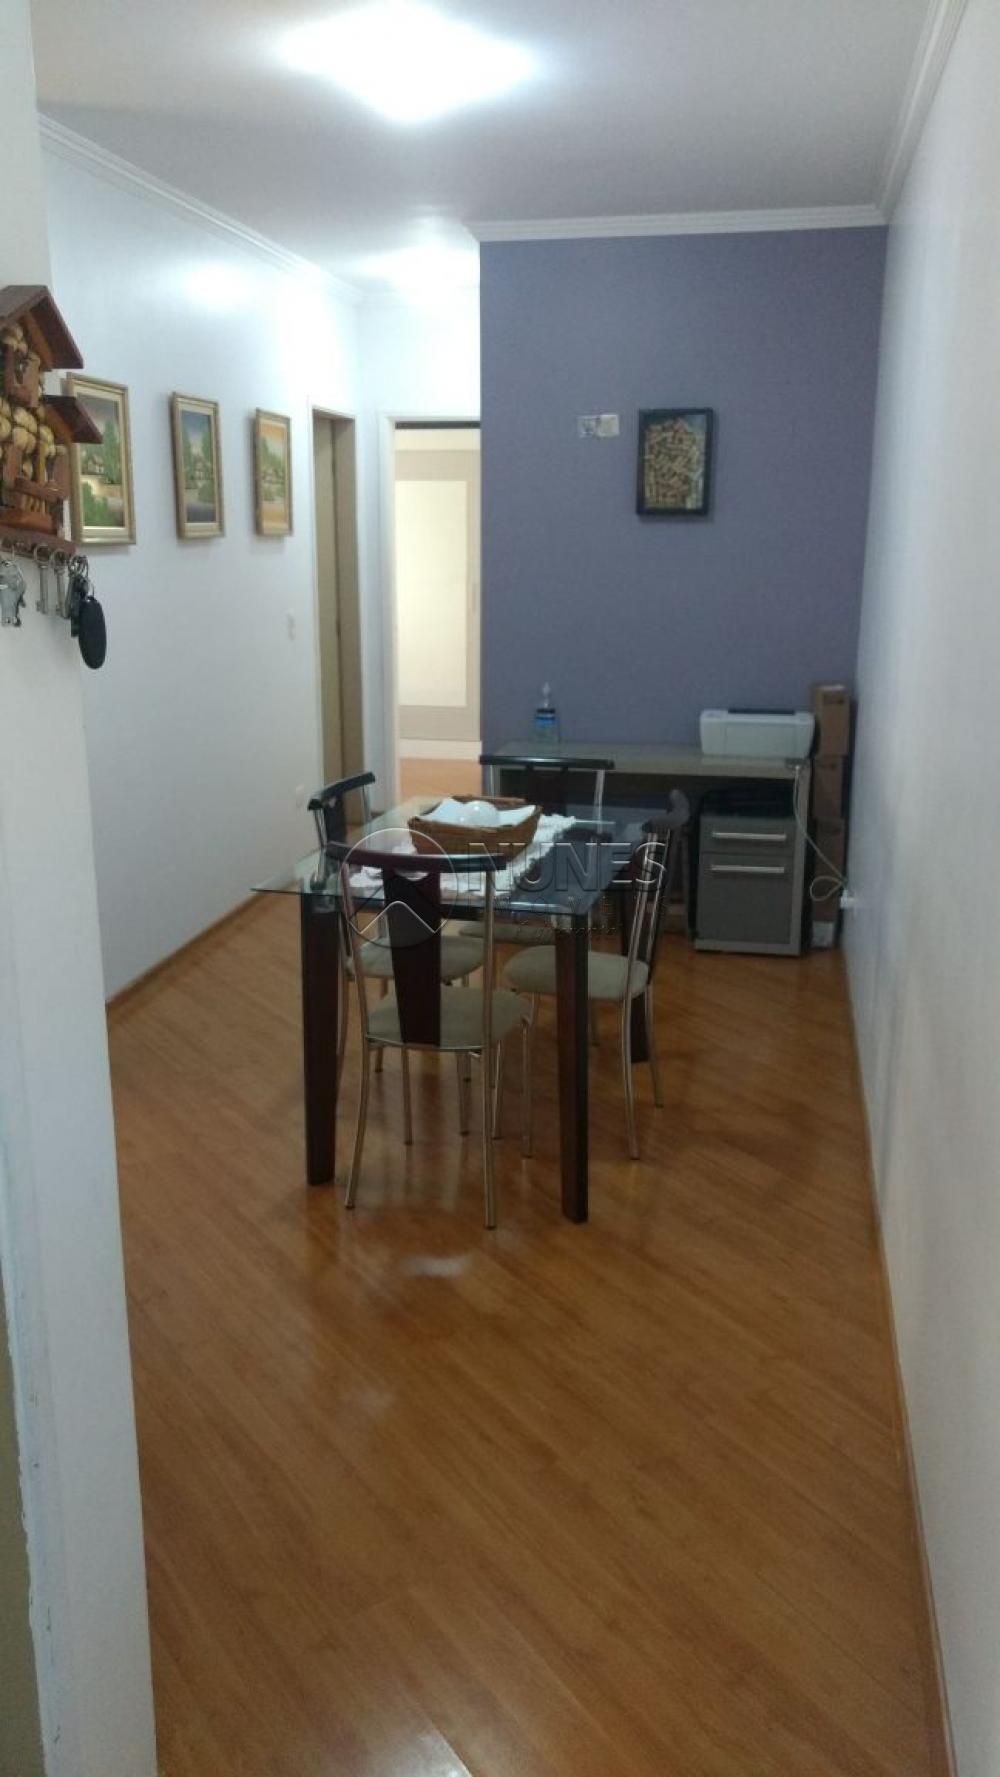 Comprar Apartamento / Padrão em Osasco apenas R$ 252.000,00 - Foto 5